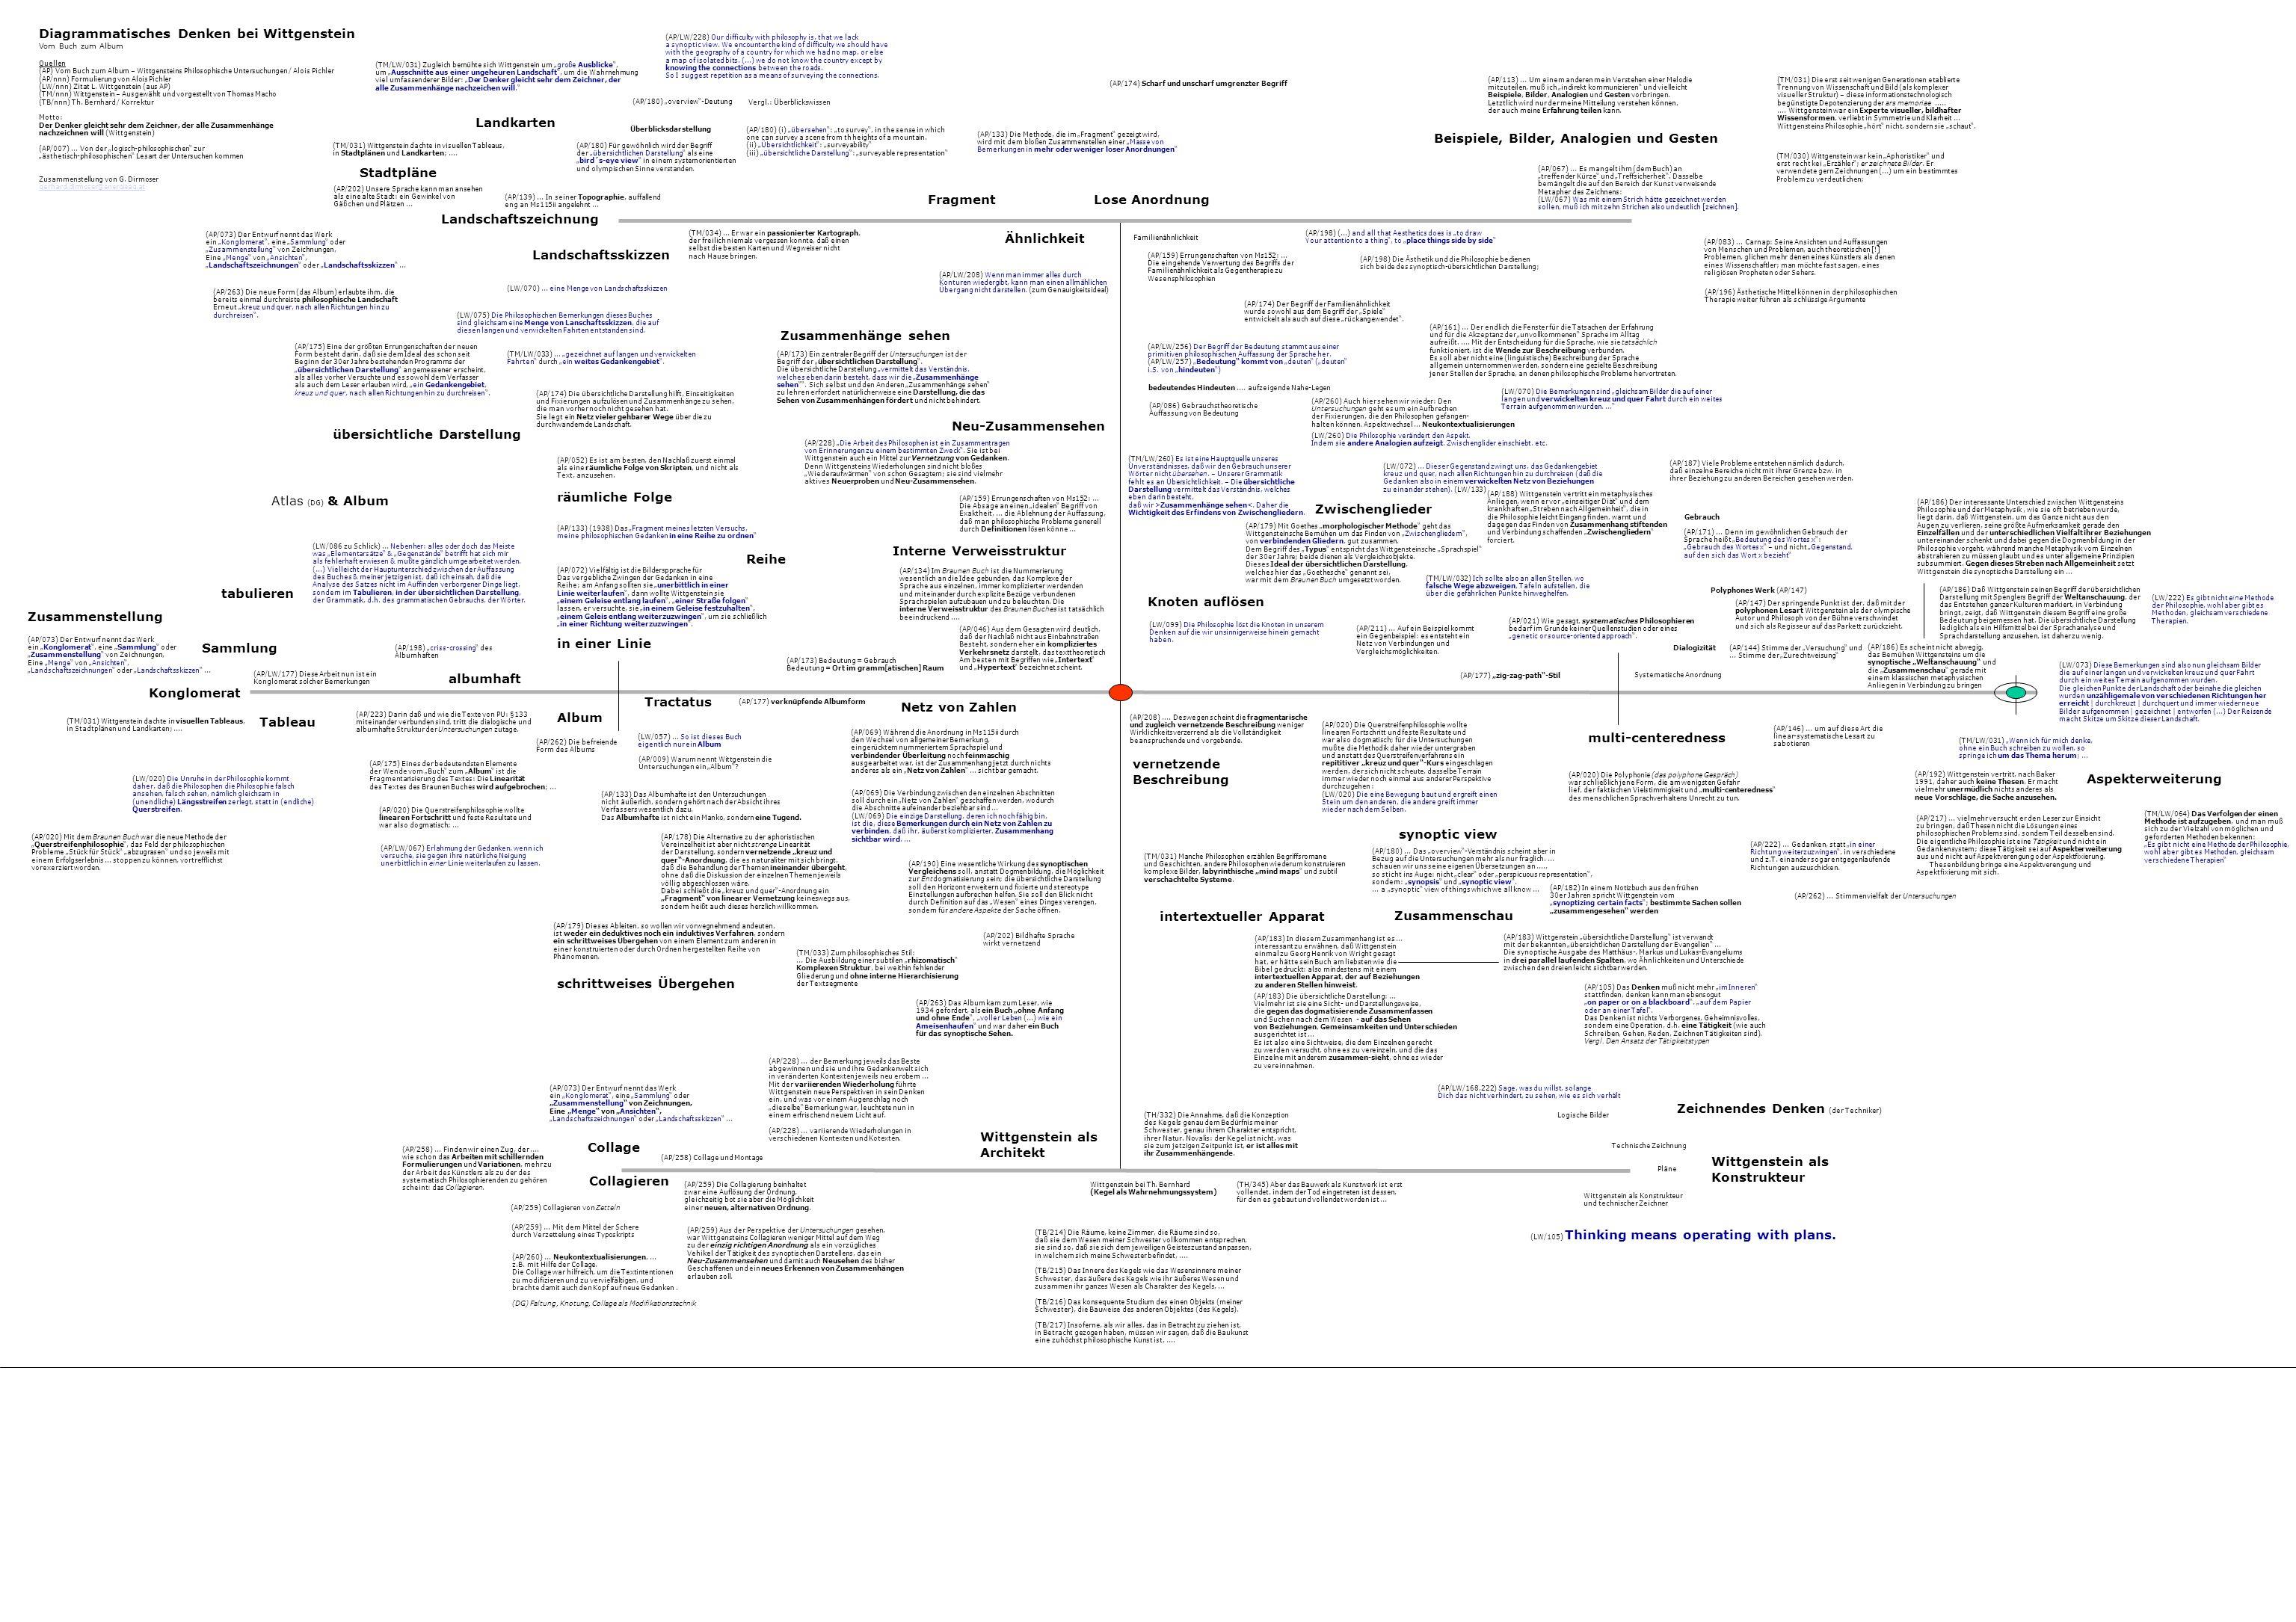 Diagrammatisches Denken bei Wittgenstein